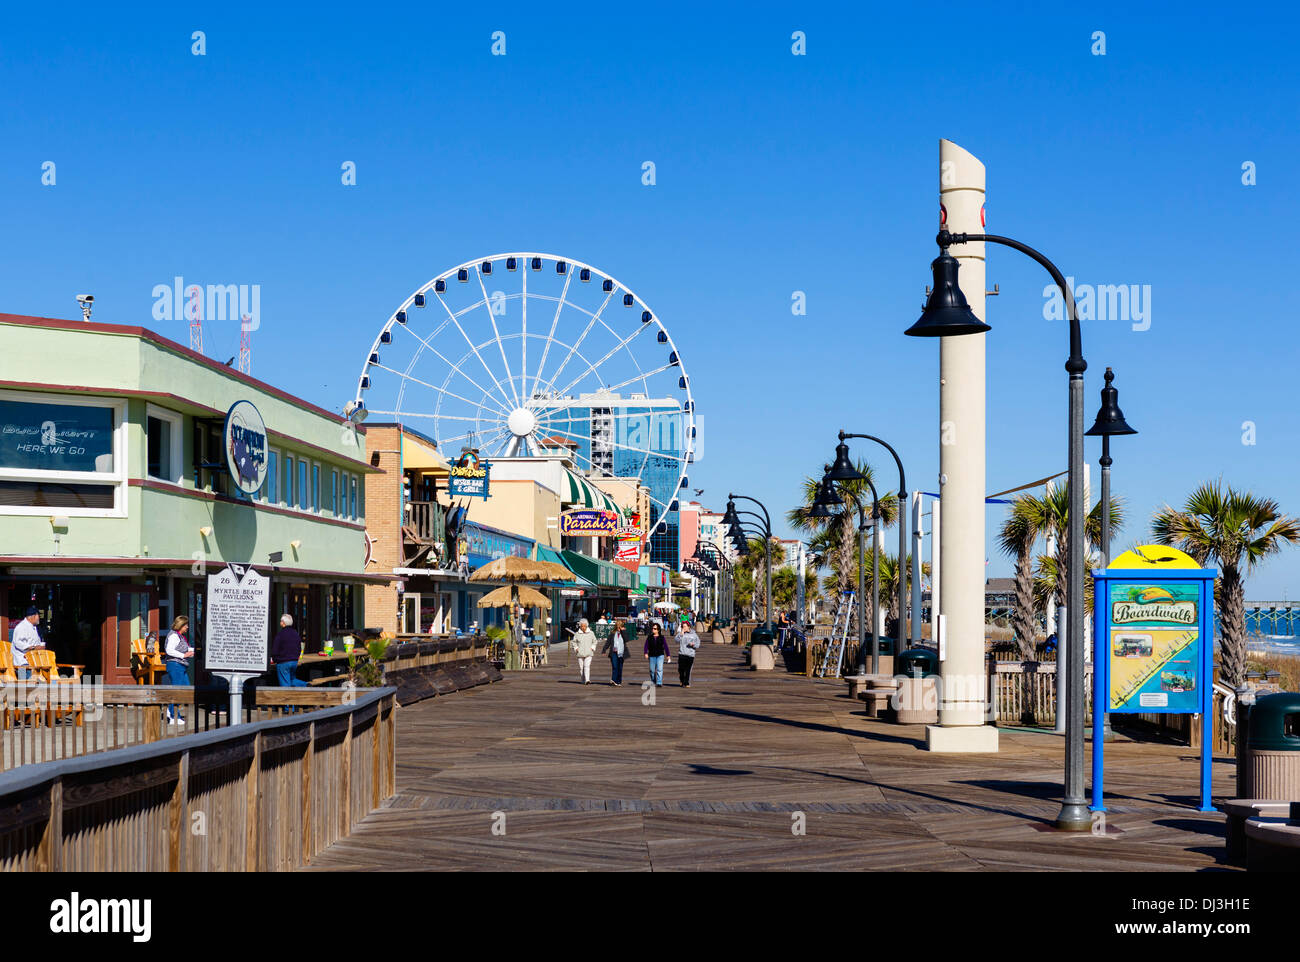 Myrtle Beach Boardwalk sur une calme hors saison journée d'automne, Myrtle Beach, Caroline du Sud, USA Photo Stock